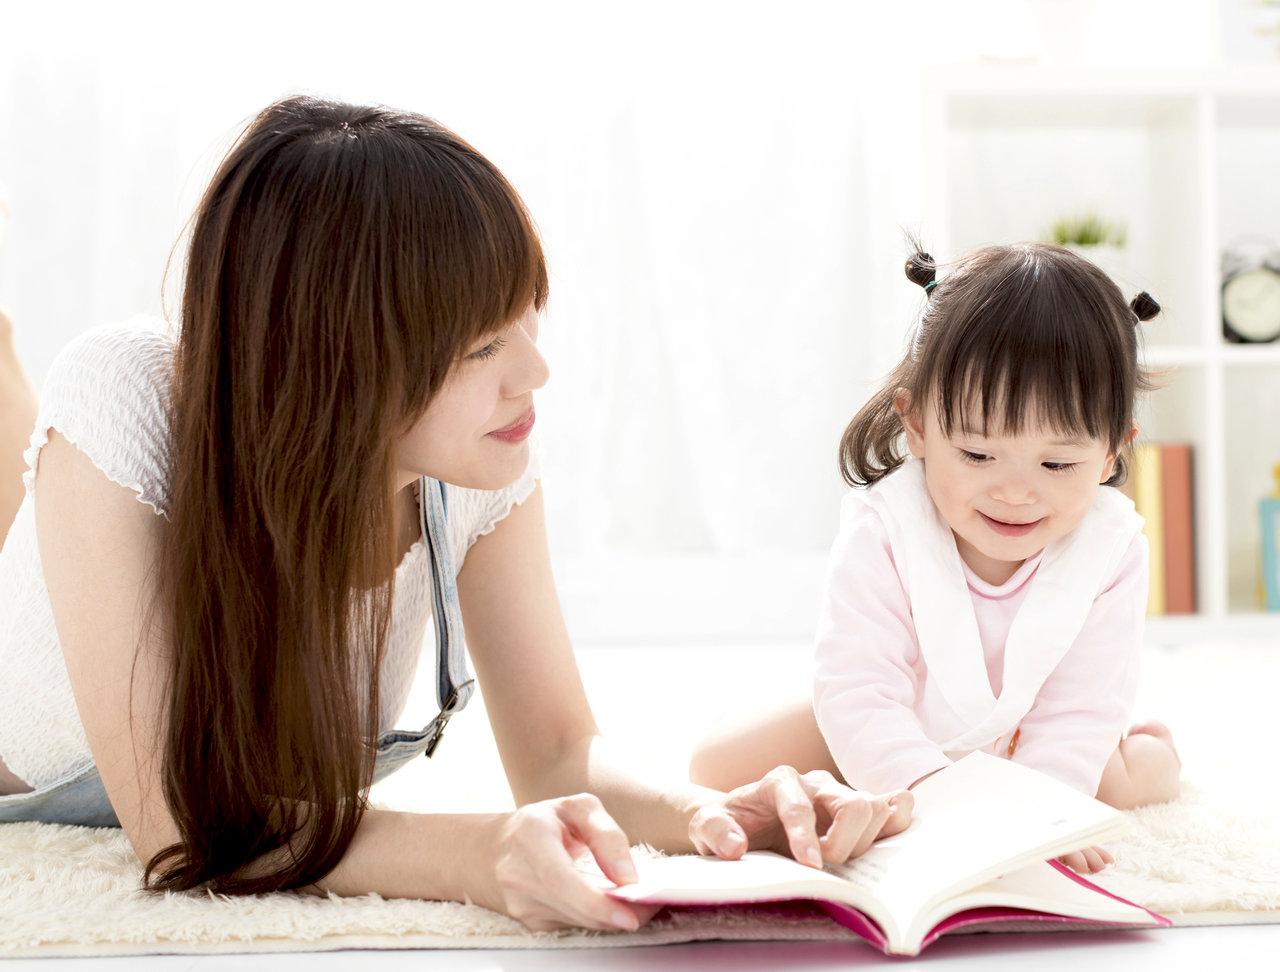 2歳でもできる学習を知りたい!子どもと一緒に遊びながら学べる方法